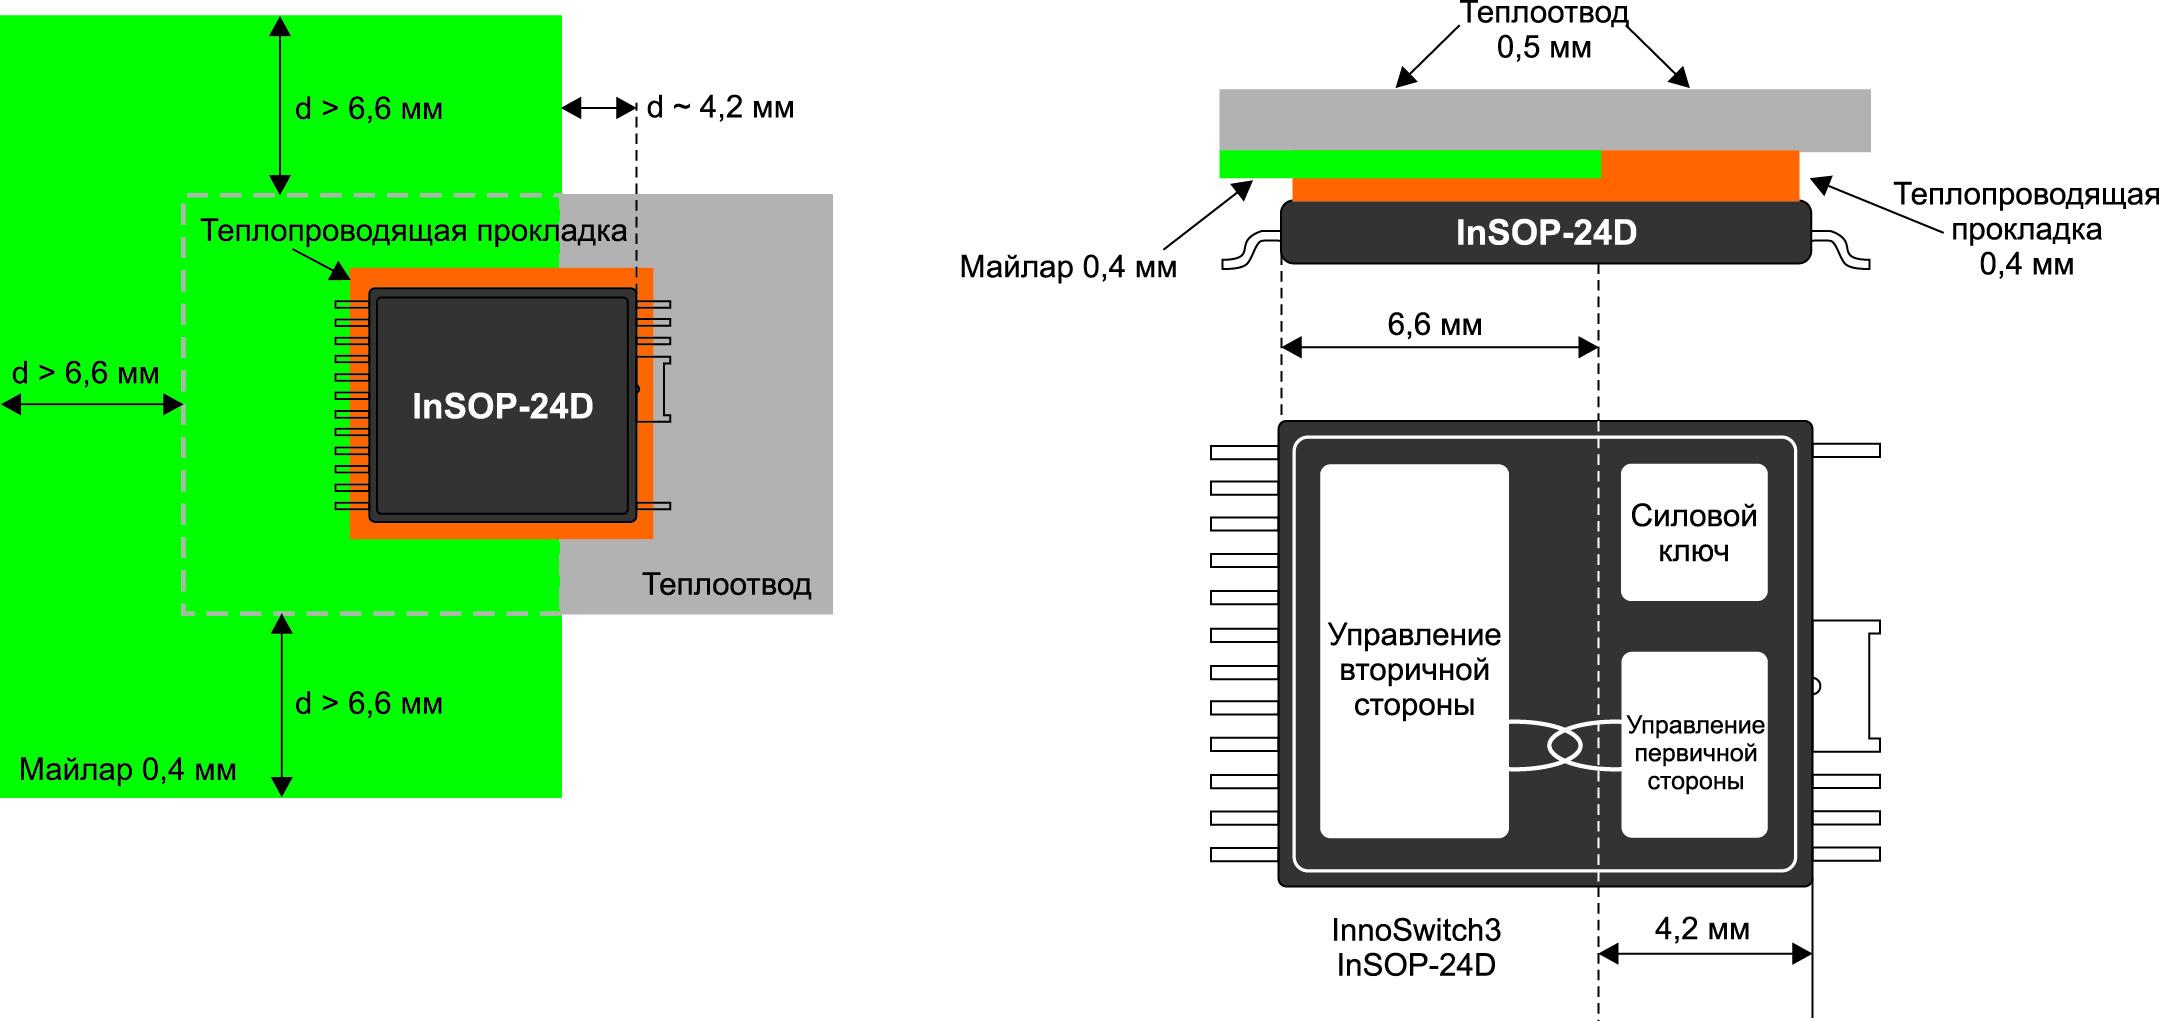 Упрощенная схема крепления распределителя тепла к корпусу InSOP-24D